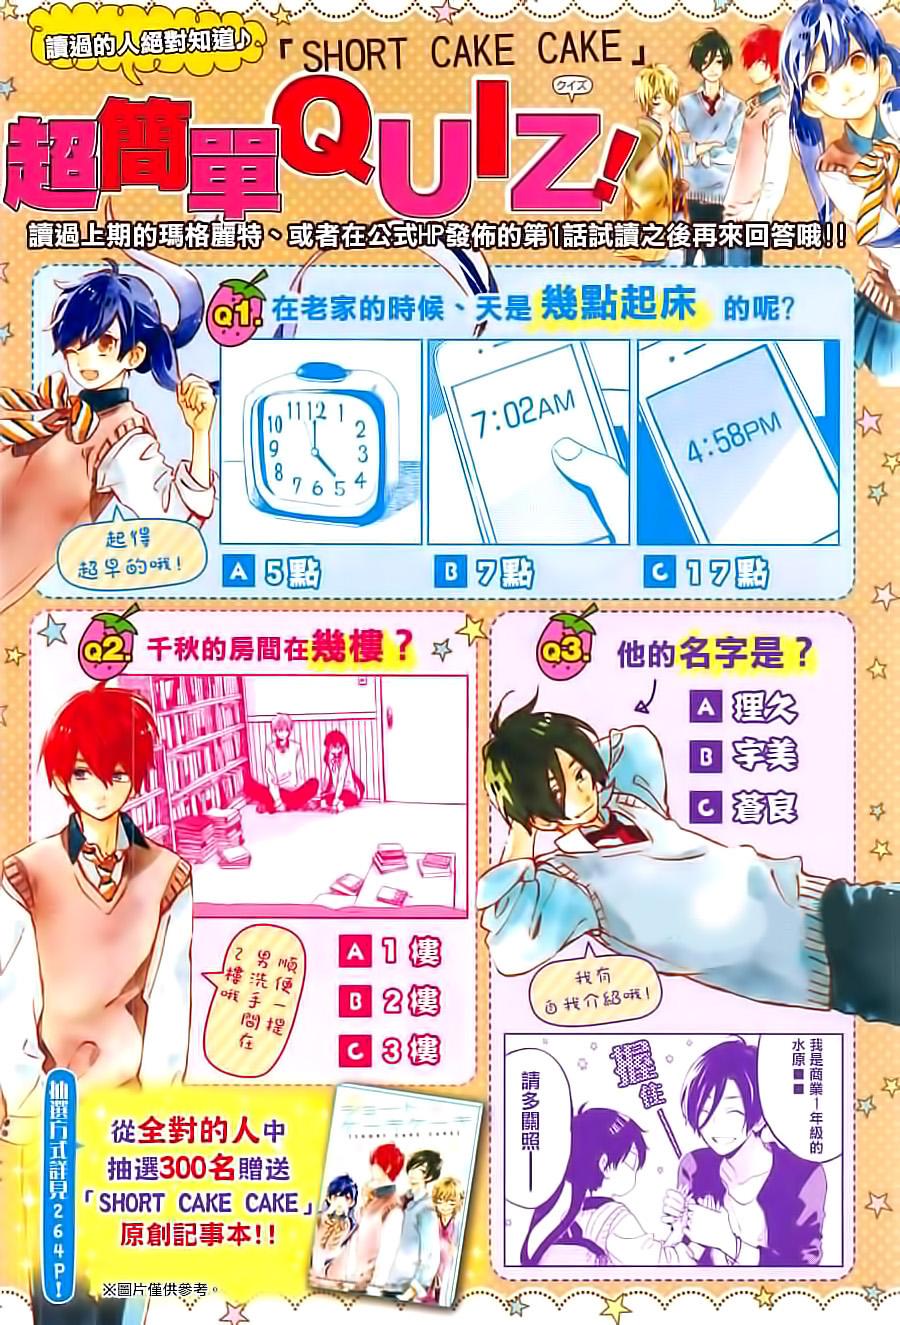 http://c5.ninemanga.com/es_manga/19/18451/433491/a4d41b834ea903526373a9a1ae2ac66e.jpg Page 3